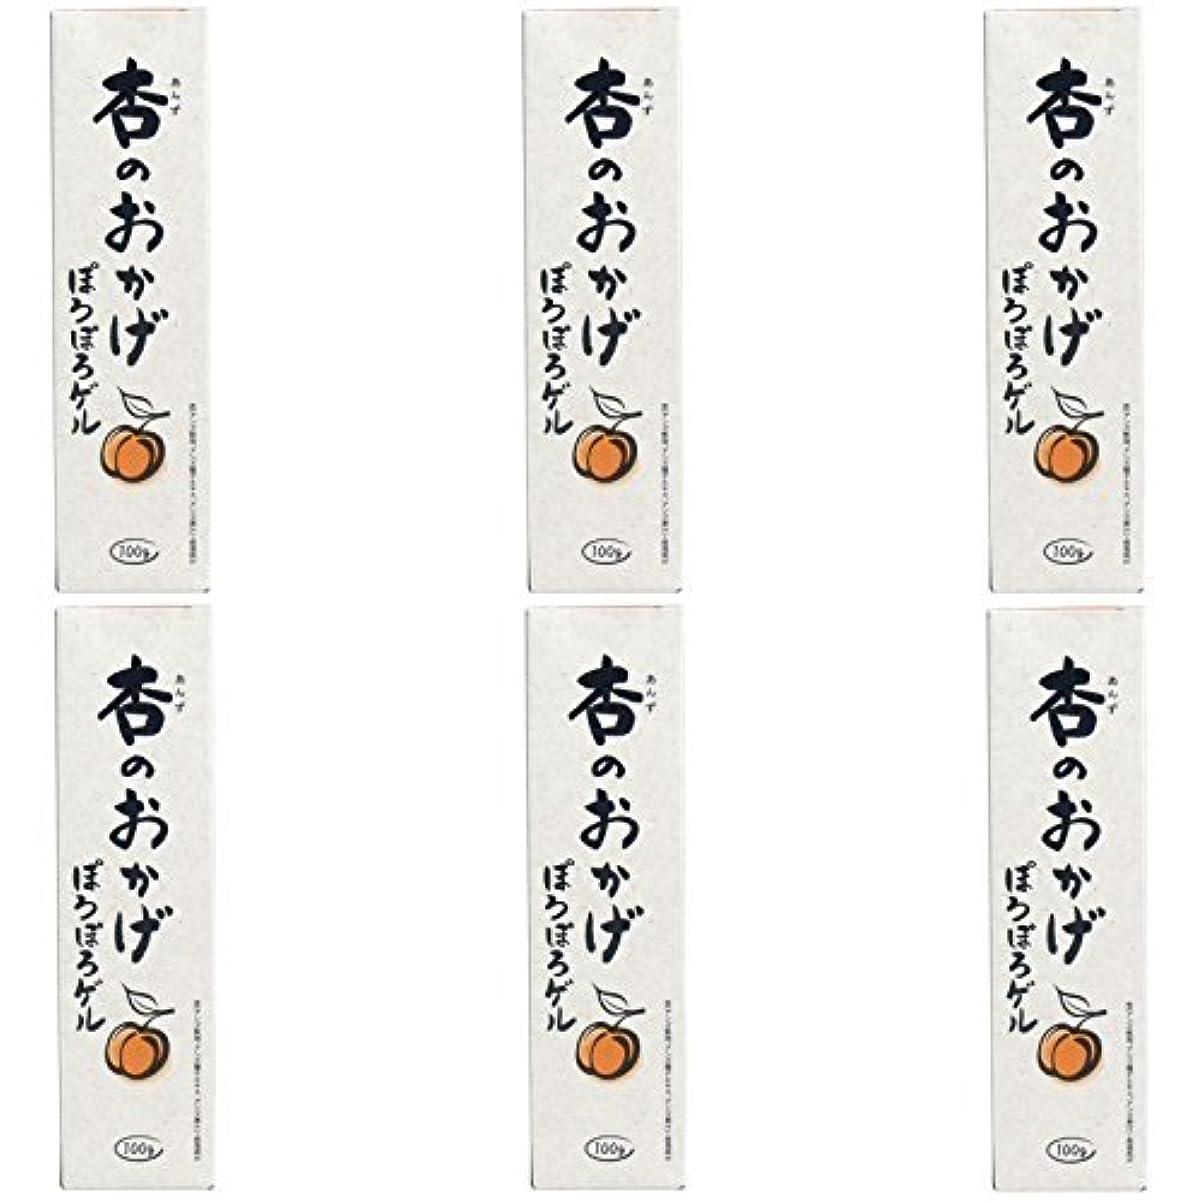 デンプシーロッド明らか【まとめ買い】杏のおかげ ぽろぽろゲル 100g【×6個】